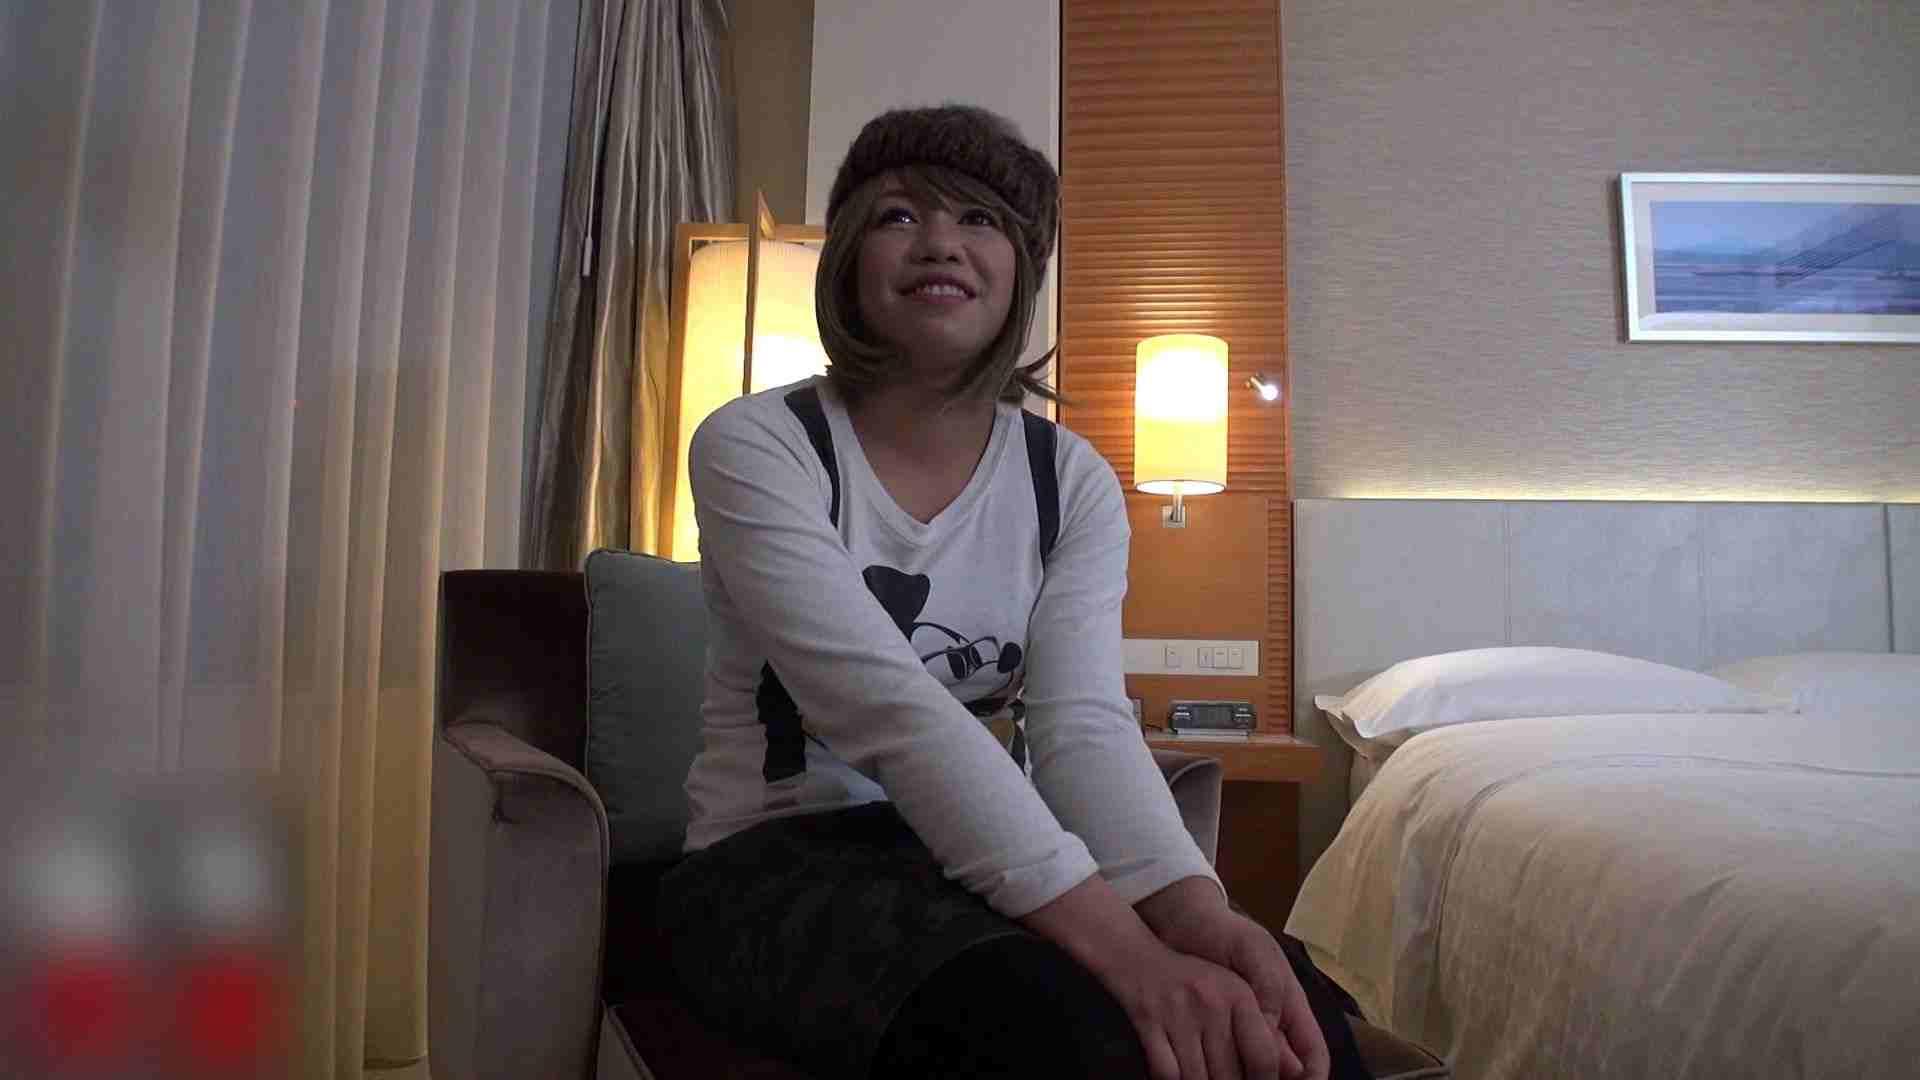 S級厳選美女ビッチガールVol.42 前編 すけべなOL アダルト動画キャプチャ 83画像 27